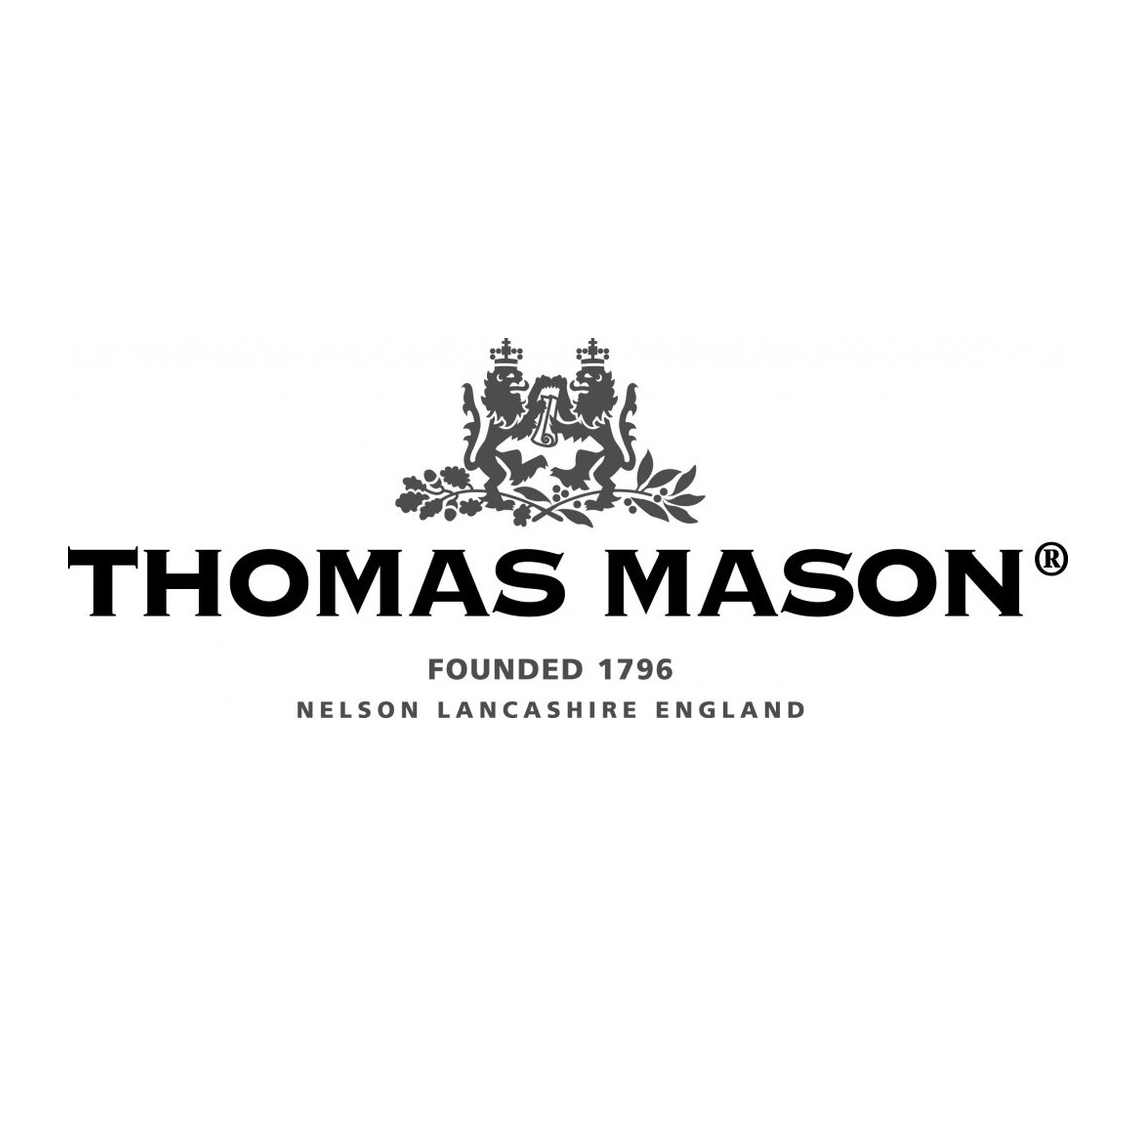 Thomas-Mason-LOGO-1-1024x389.jpg